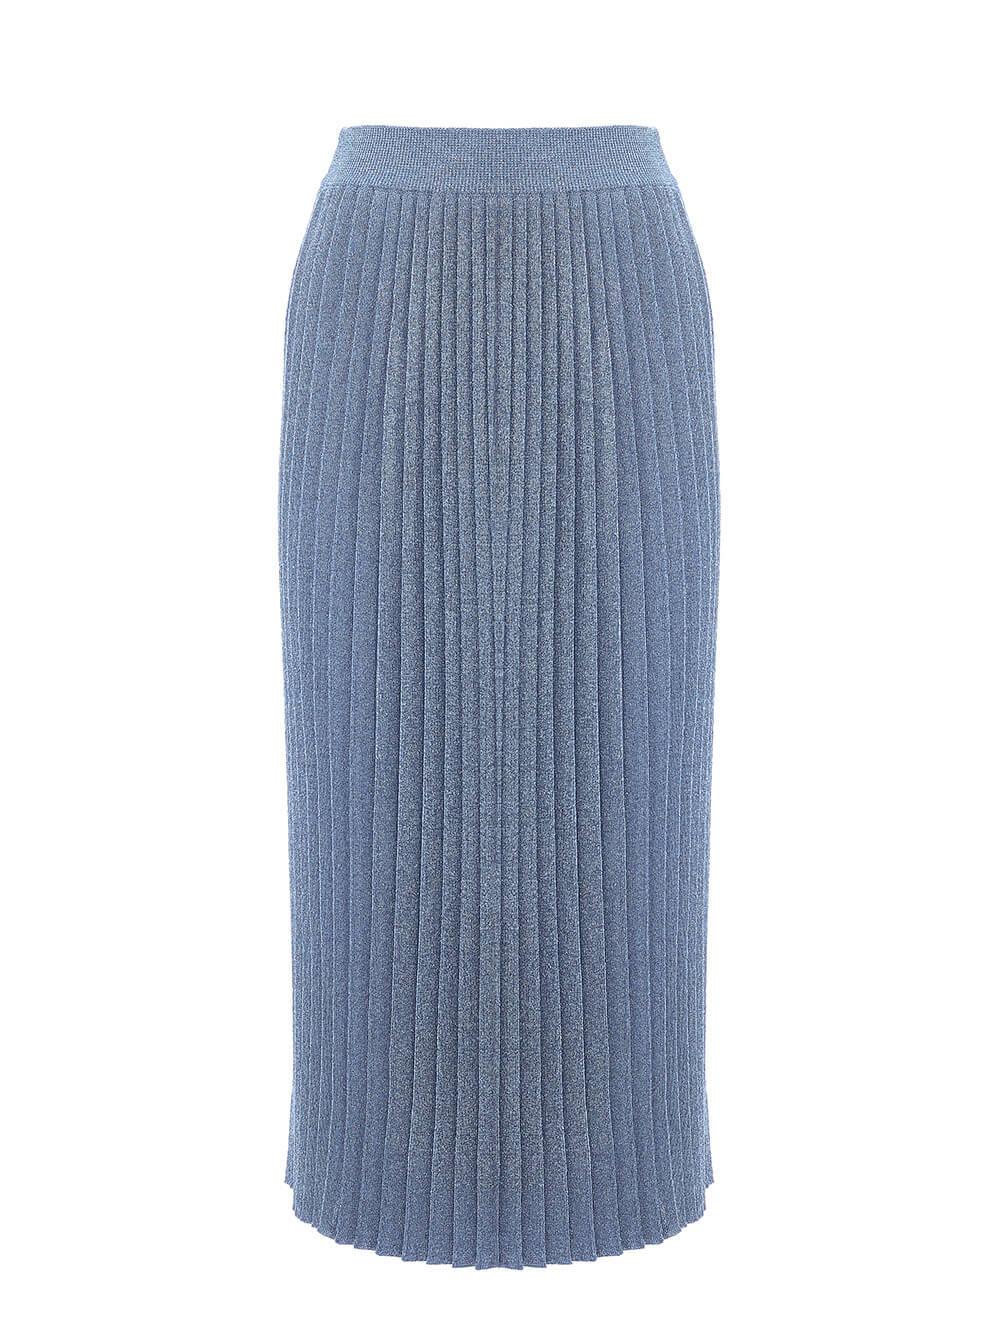 Женская юбка денимного цвета из вискозы - фото 1